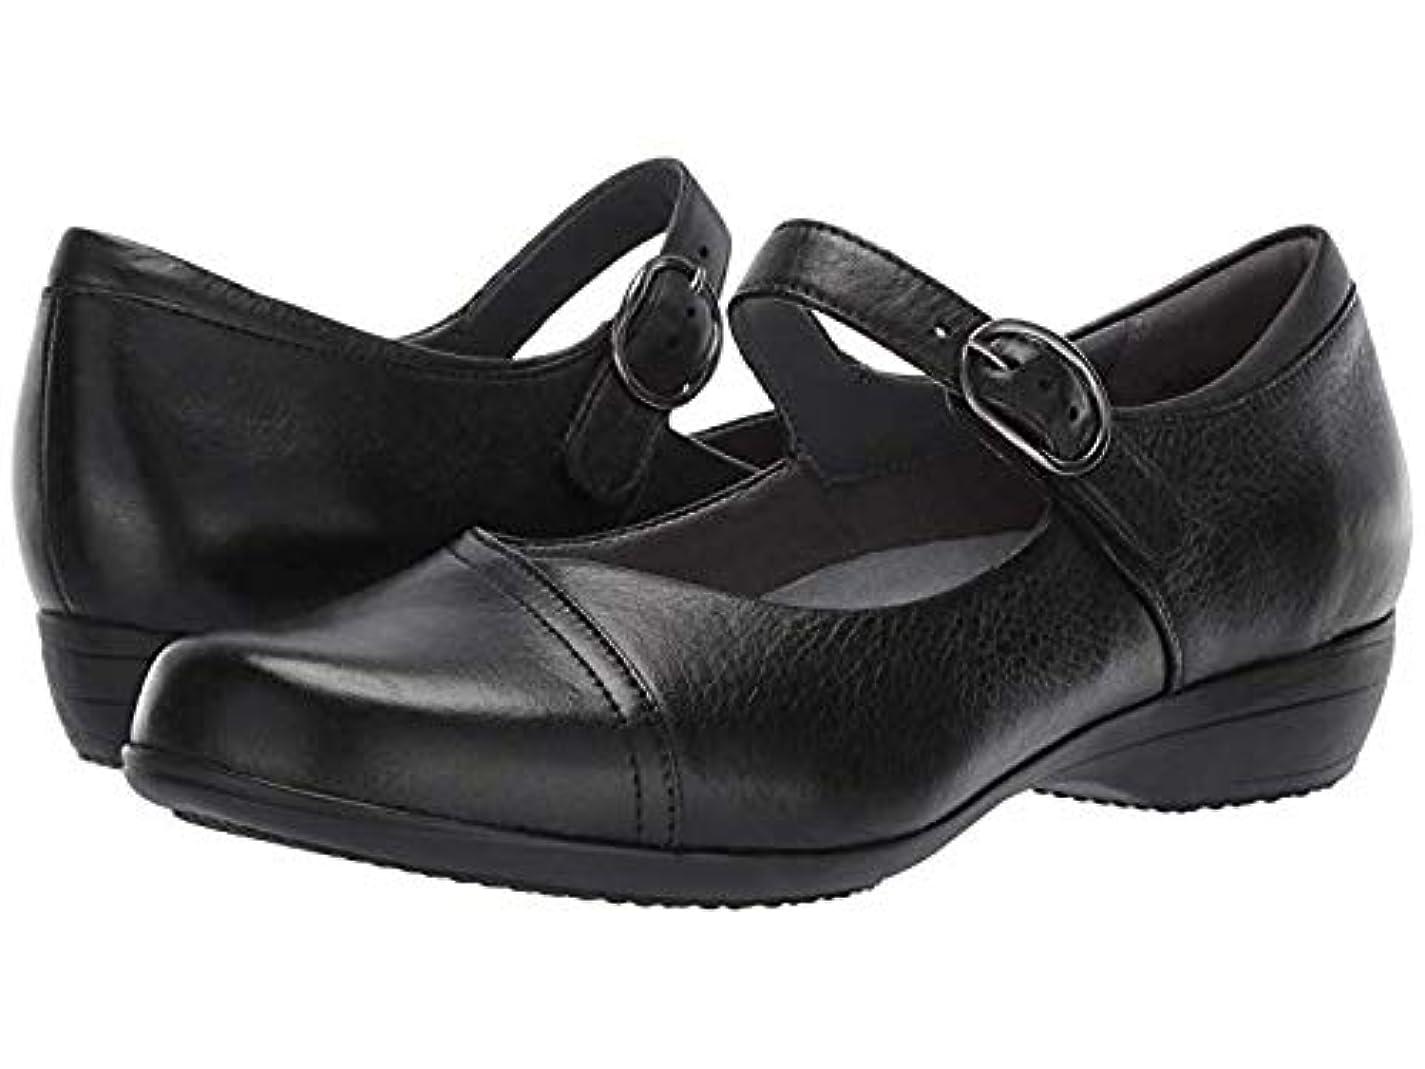 ギャップモール毎月レディースローファー?靴 Fawna Black Milled Nappa (26.5-27cm) Regular [並行輸入品]